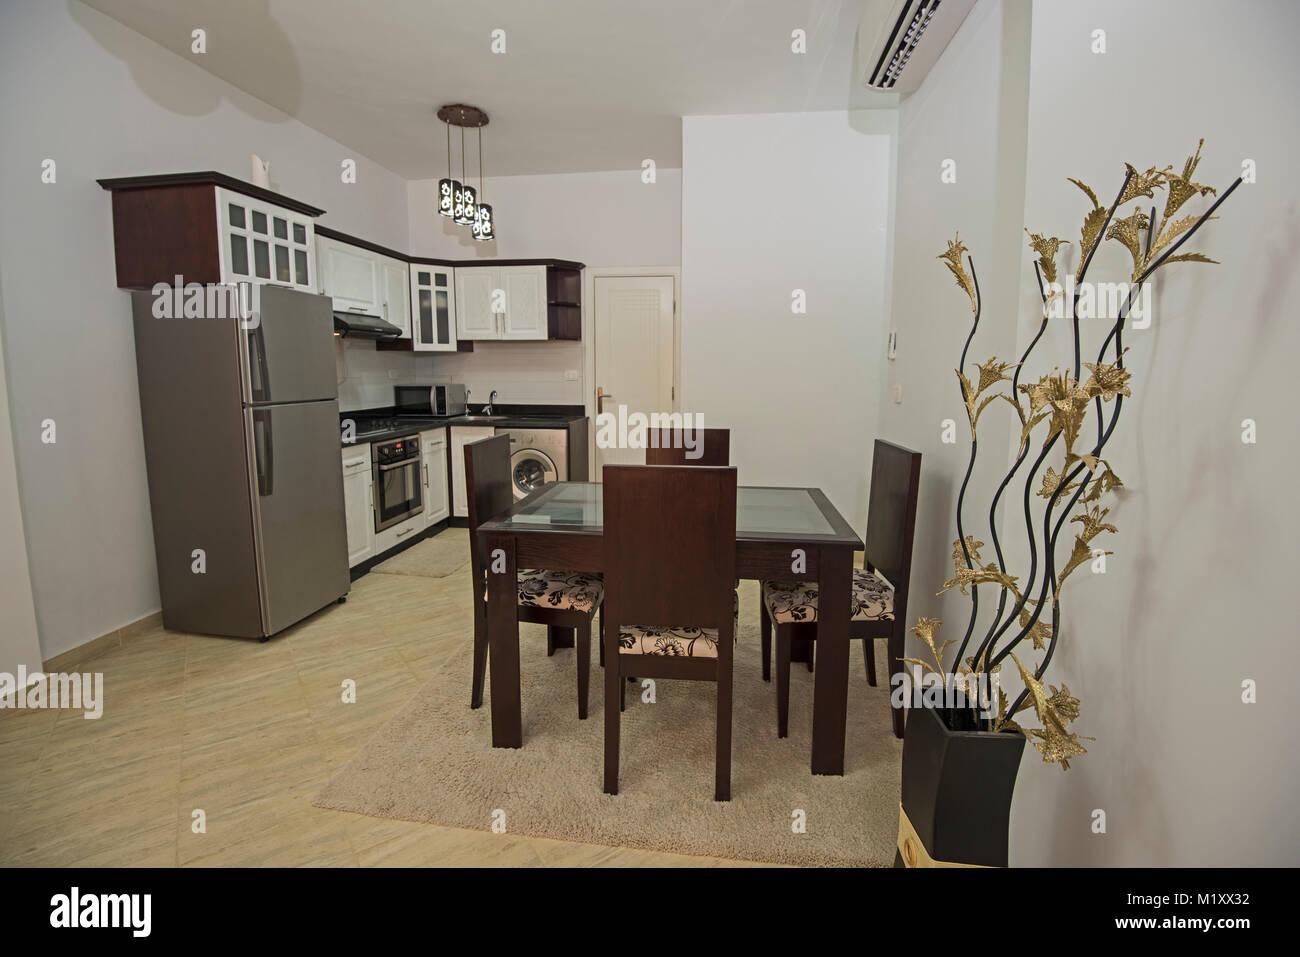 Interni arredamento cucina sala da pranzo Camera design con ...